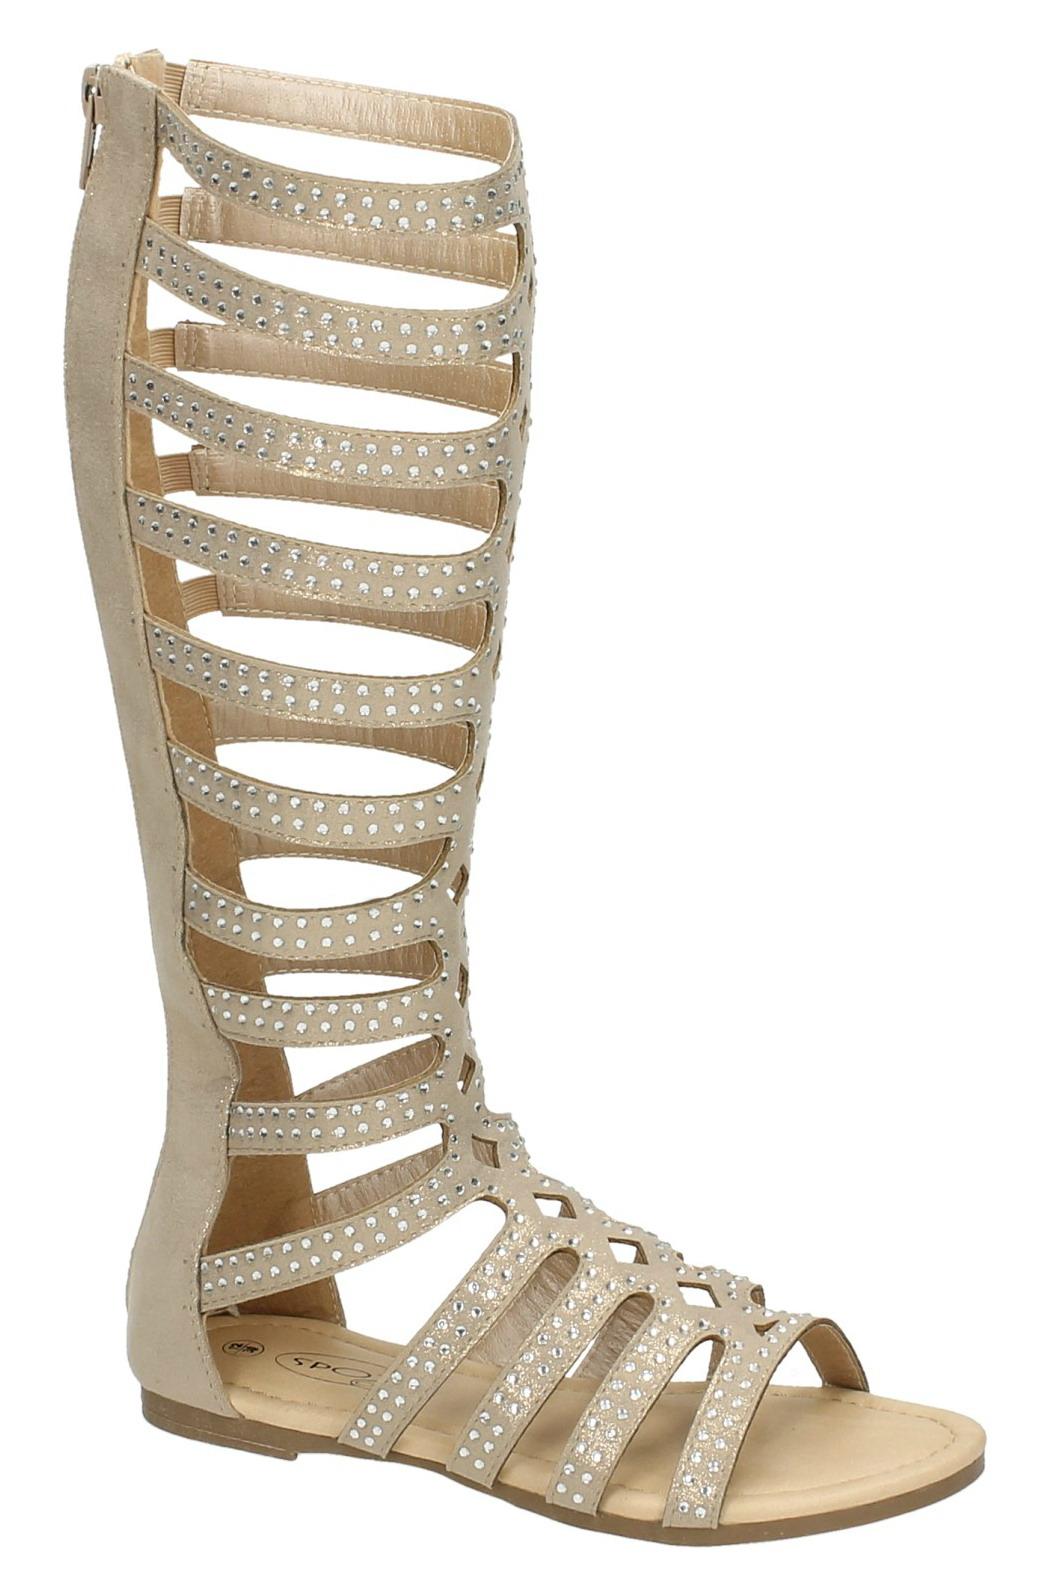 c9732fab75d Pics of gladiator sandals